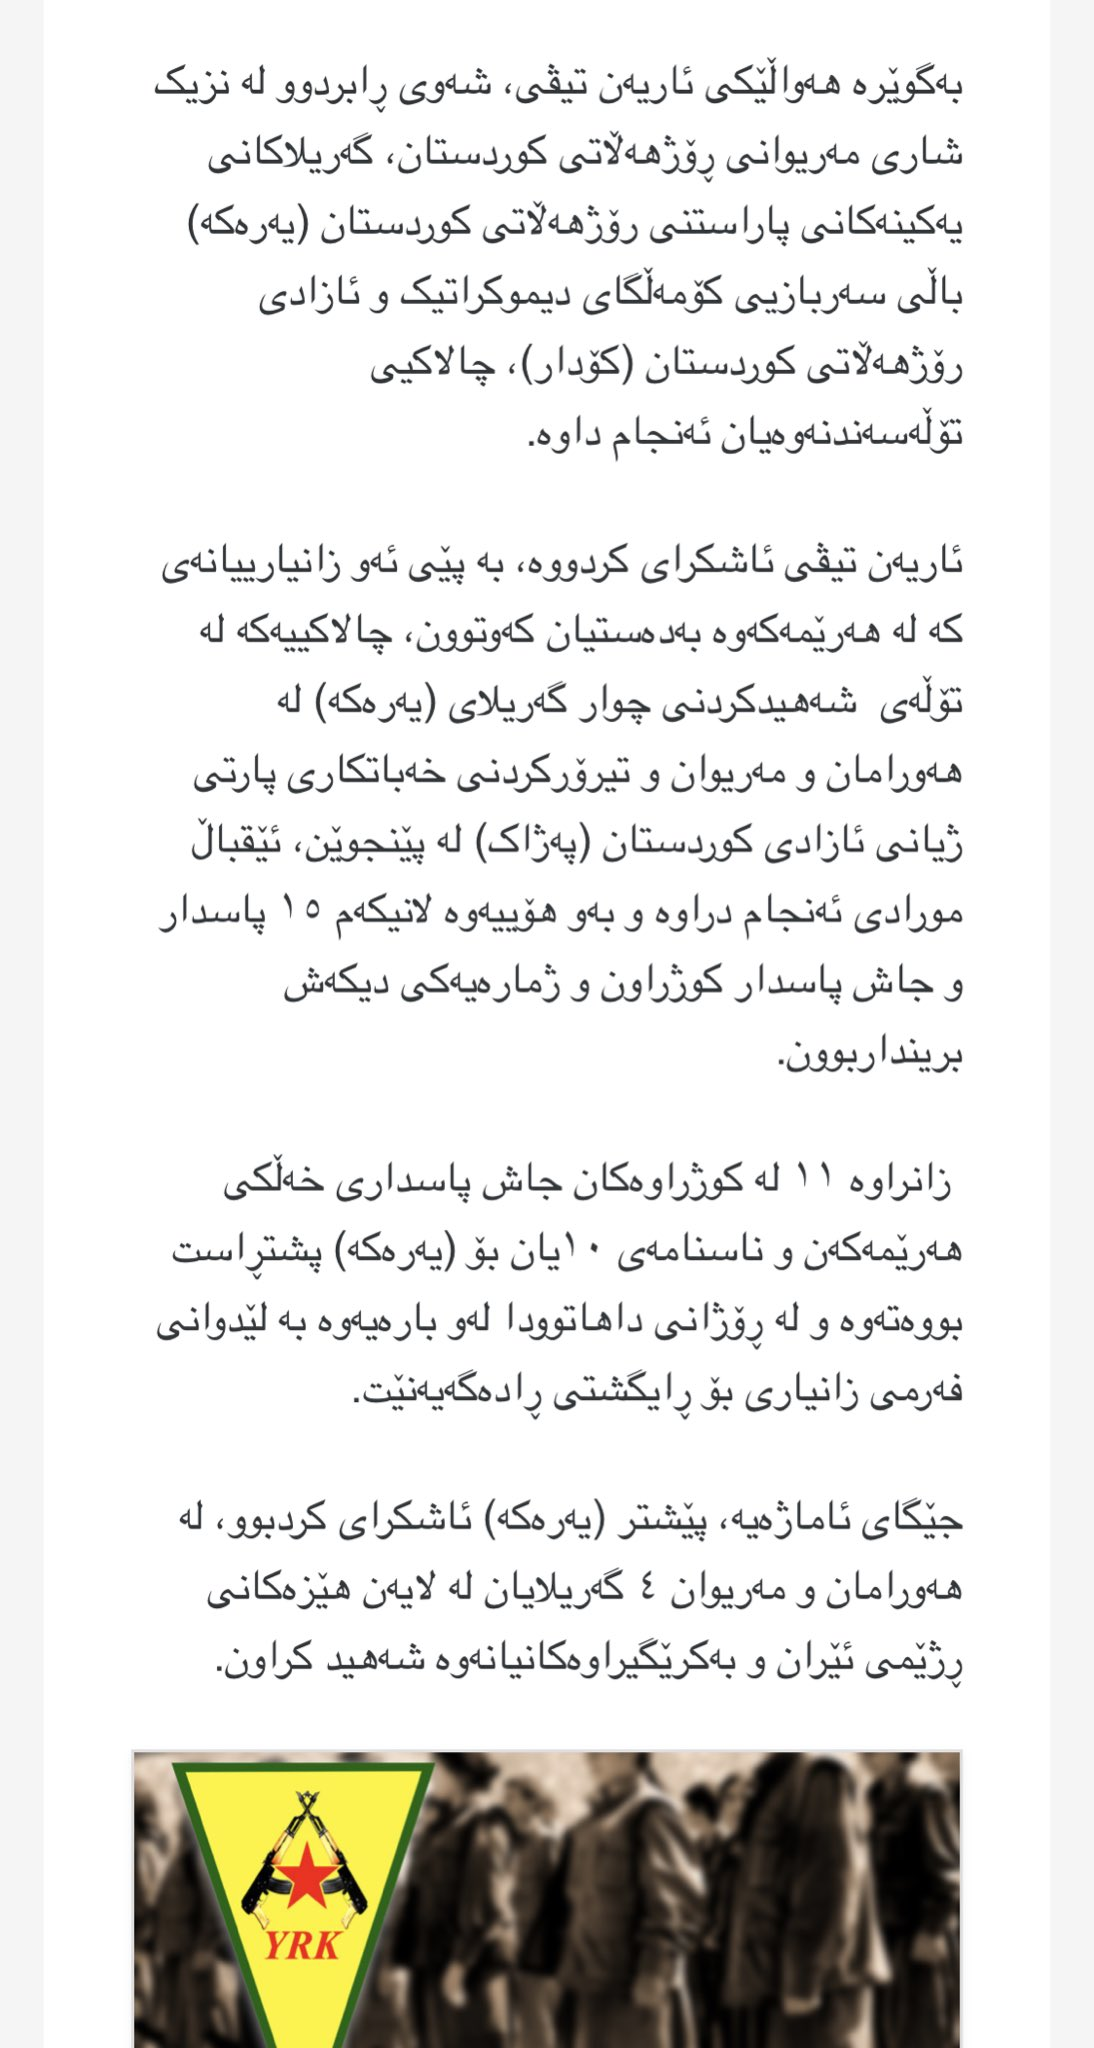 Fazel Hawramy on Twitter